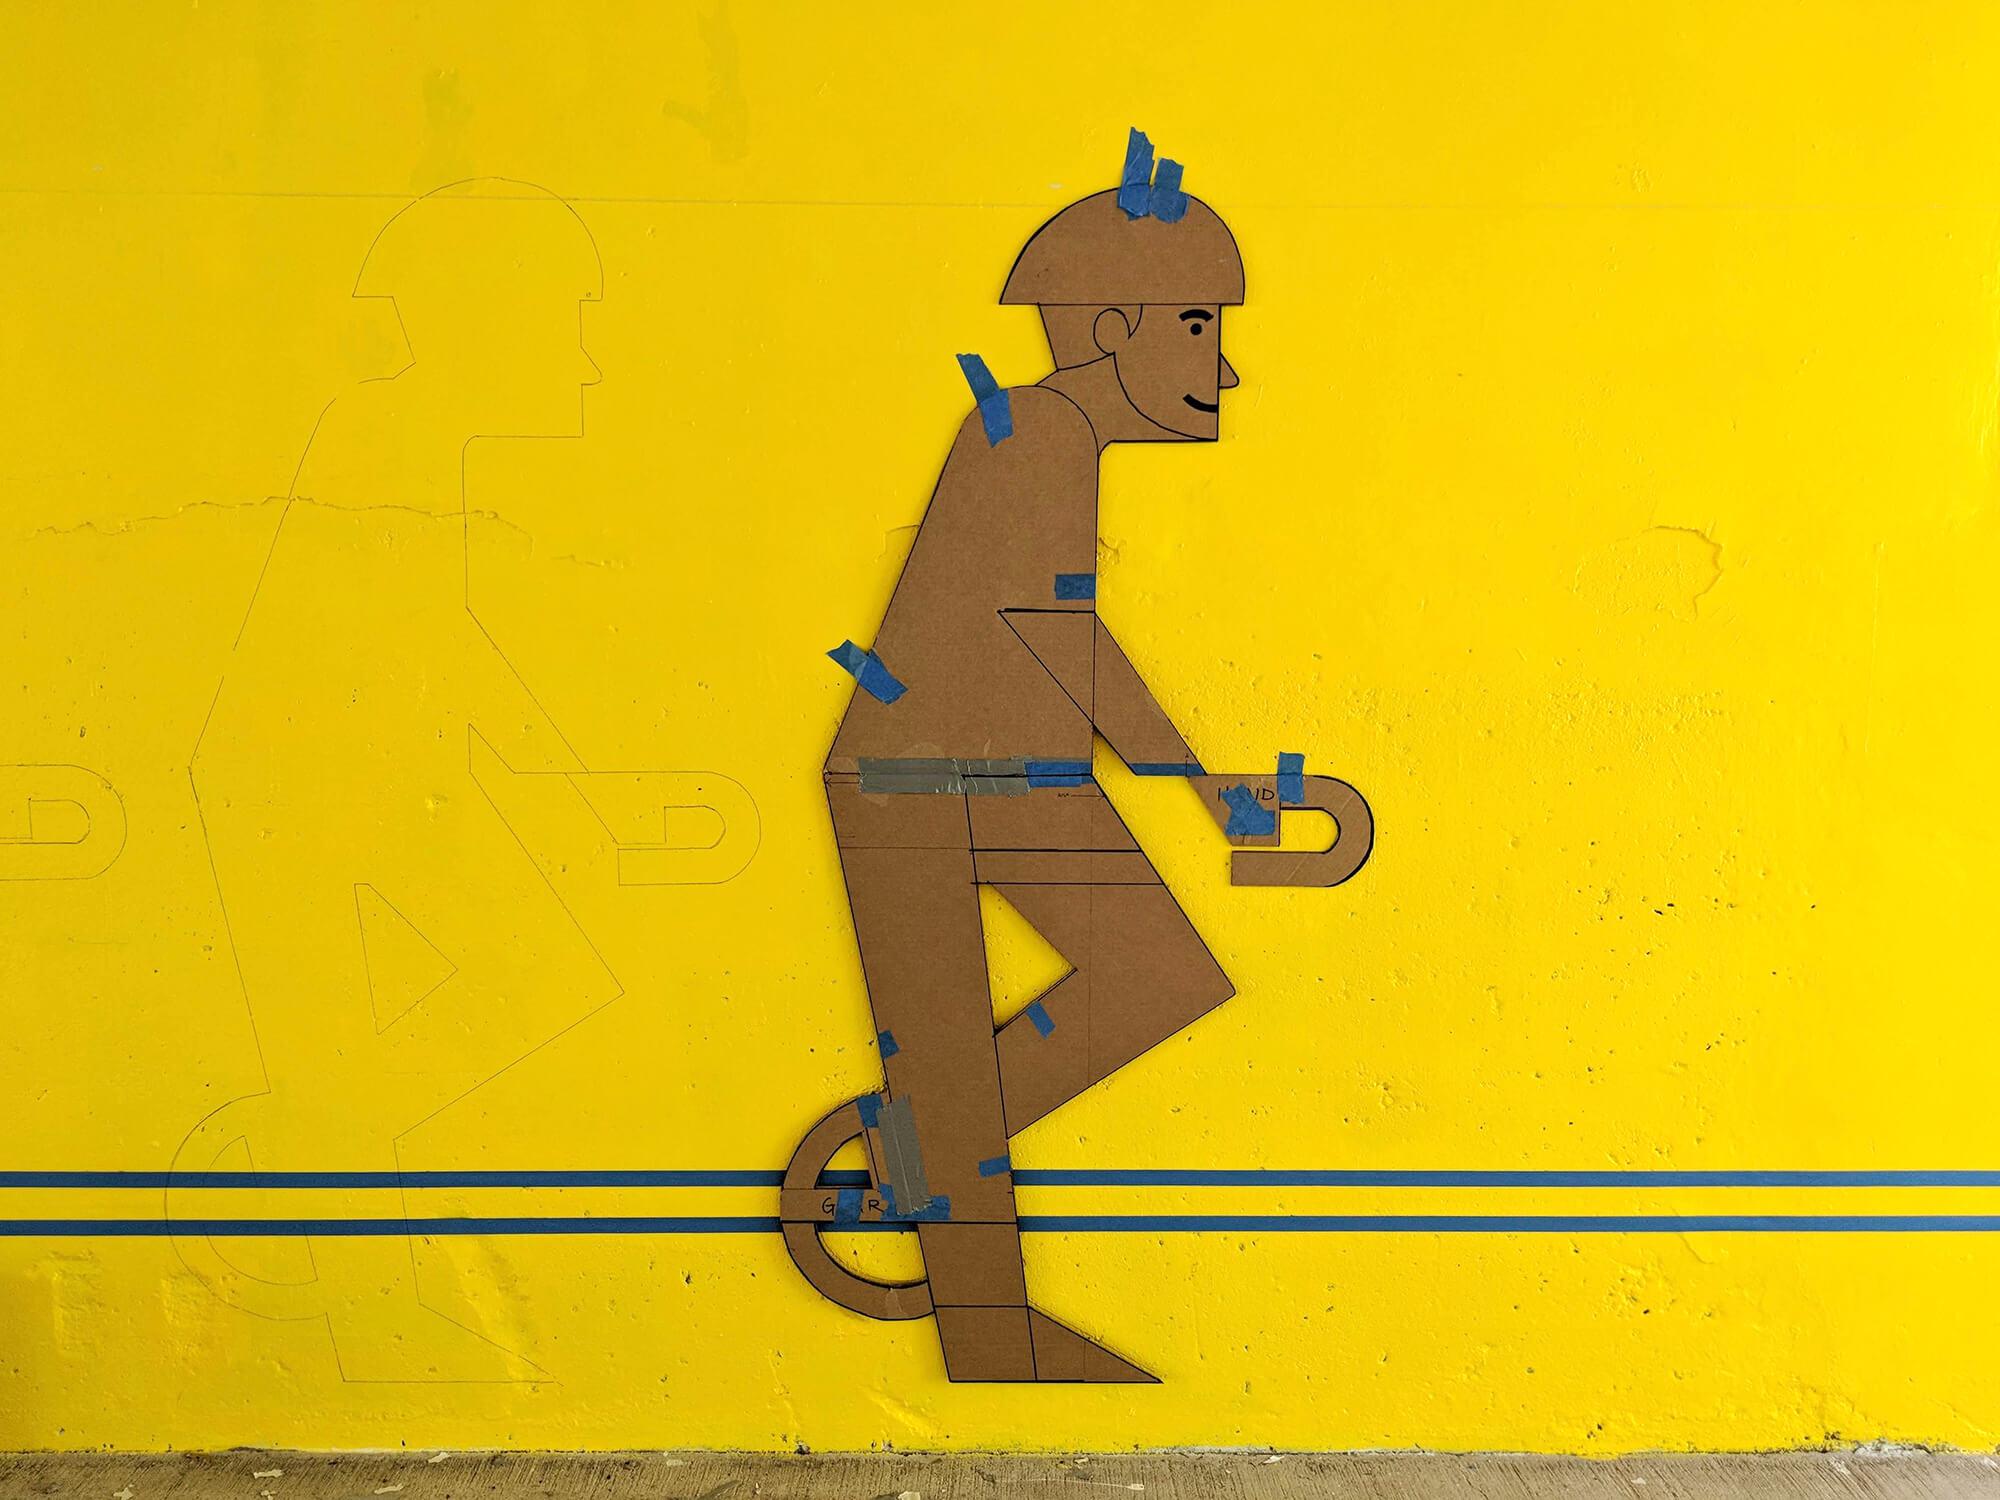 remoquillo-tandem-bike-mural-14.jpg